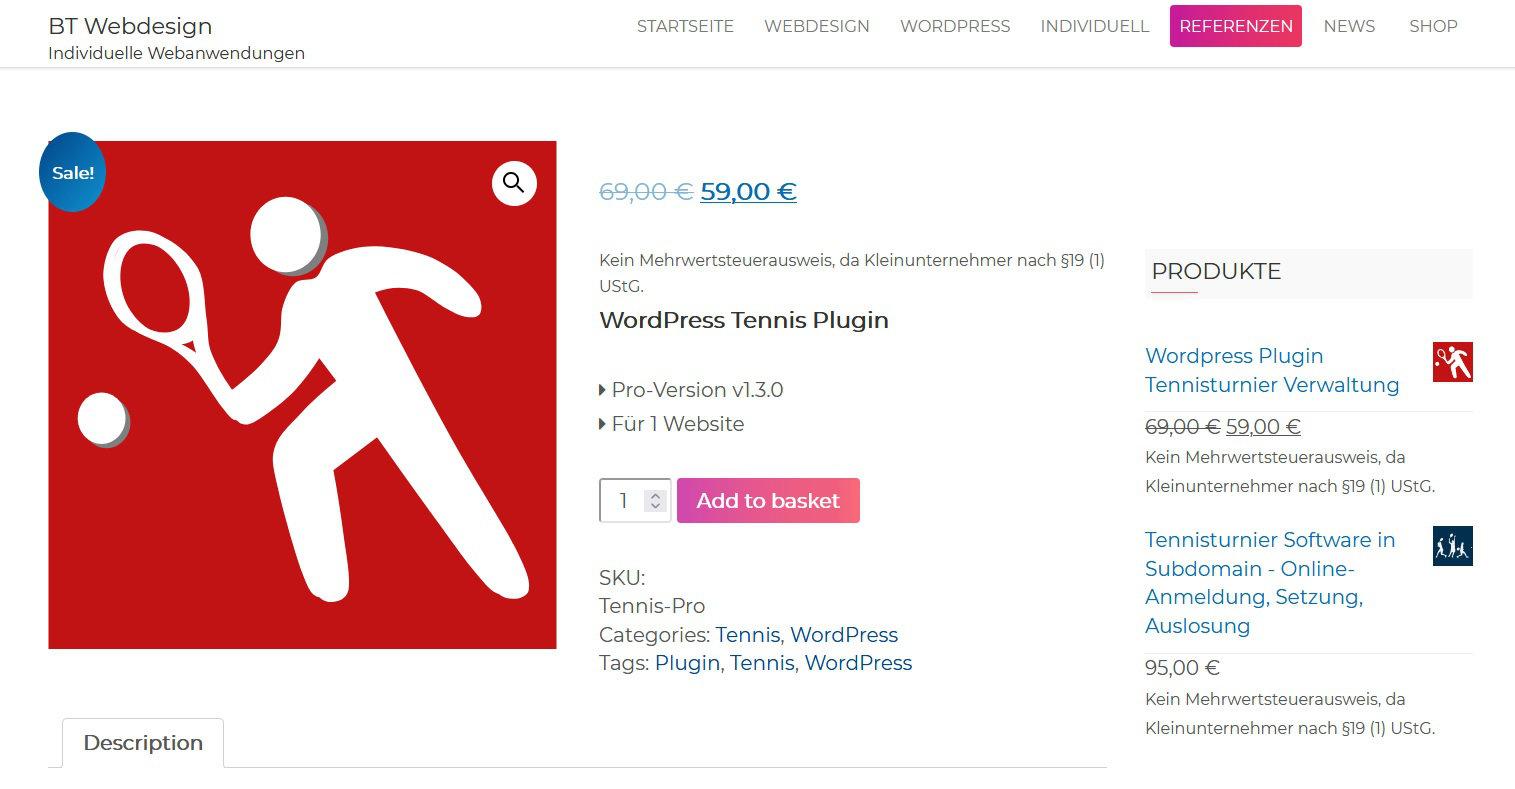 WooCommerce Produkt im Frontend zeigt englische Texte: Add to basket